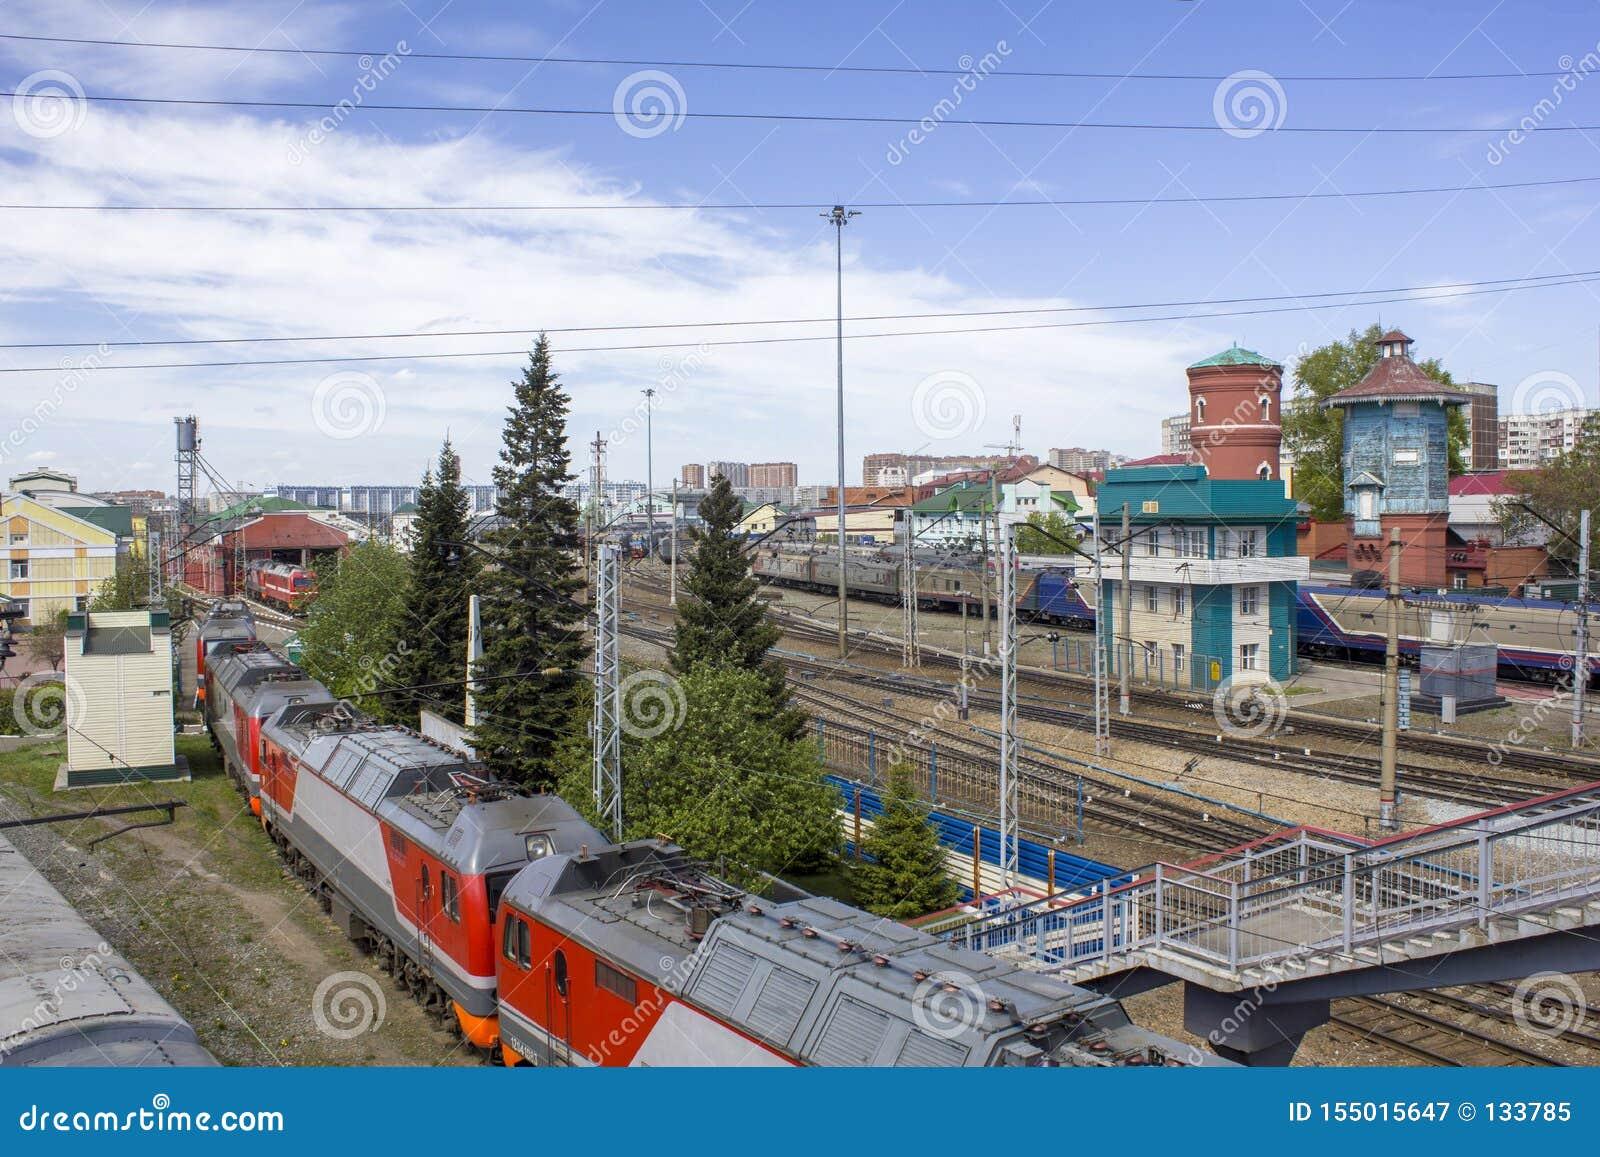 Estação de trem com muitos caminhos de ferro e a composição do trem com os carros no fundo da cidade moderna, aéreo